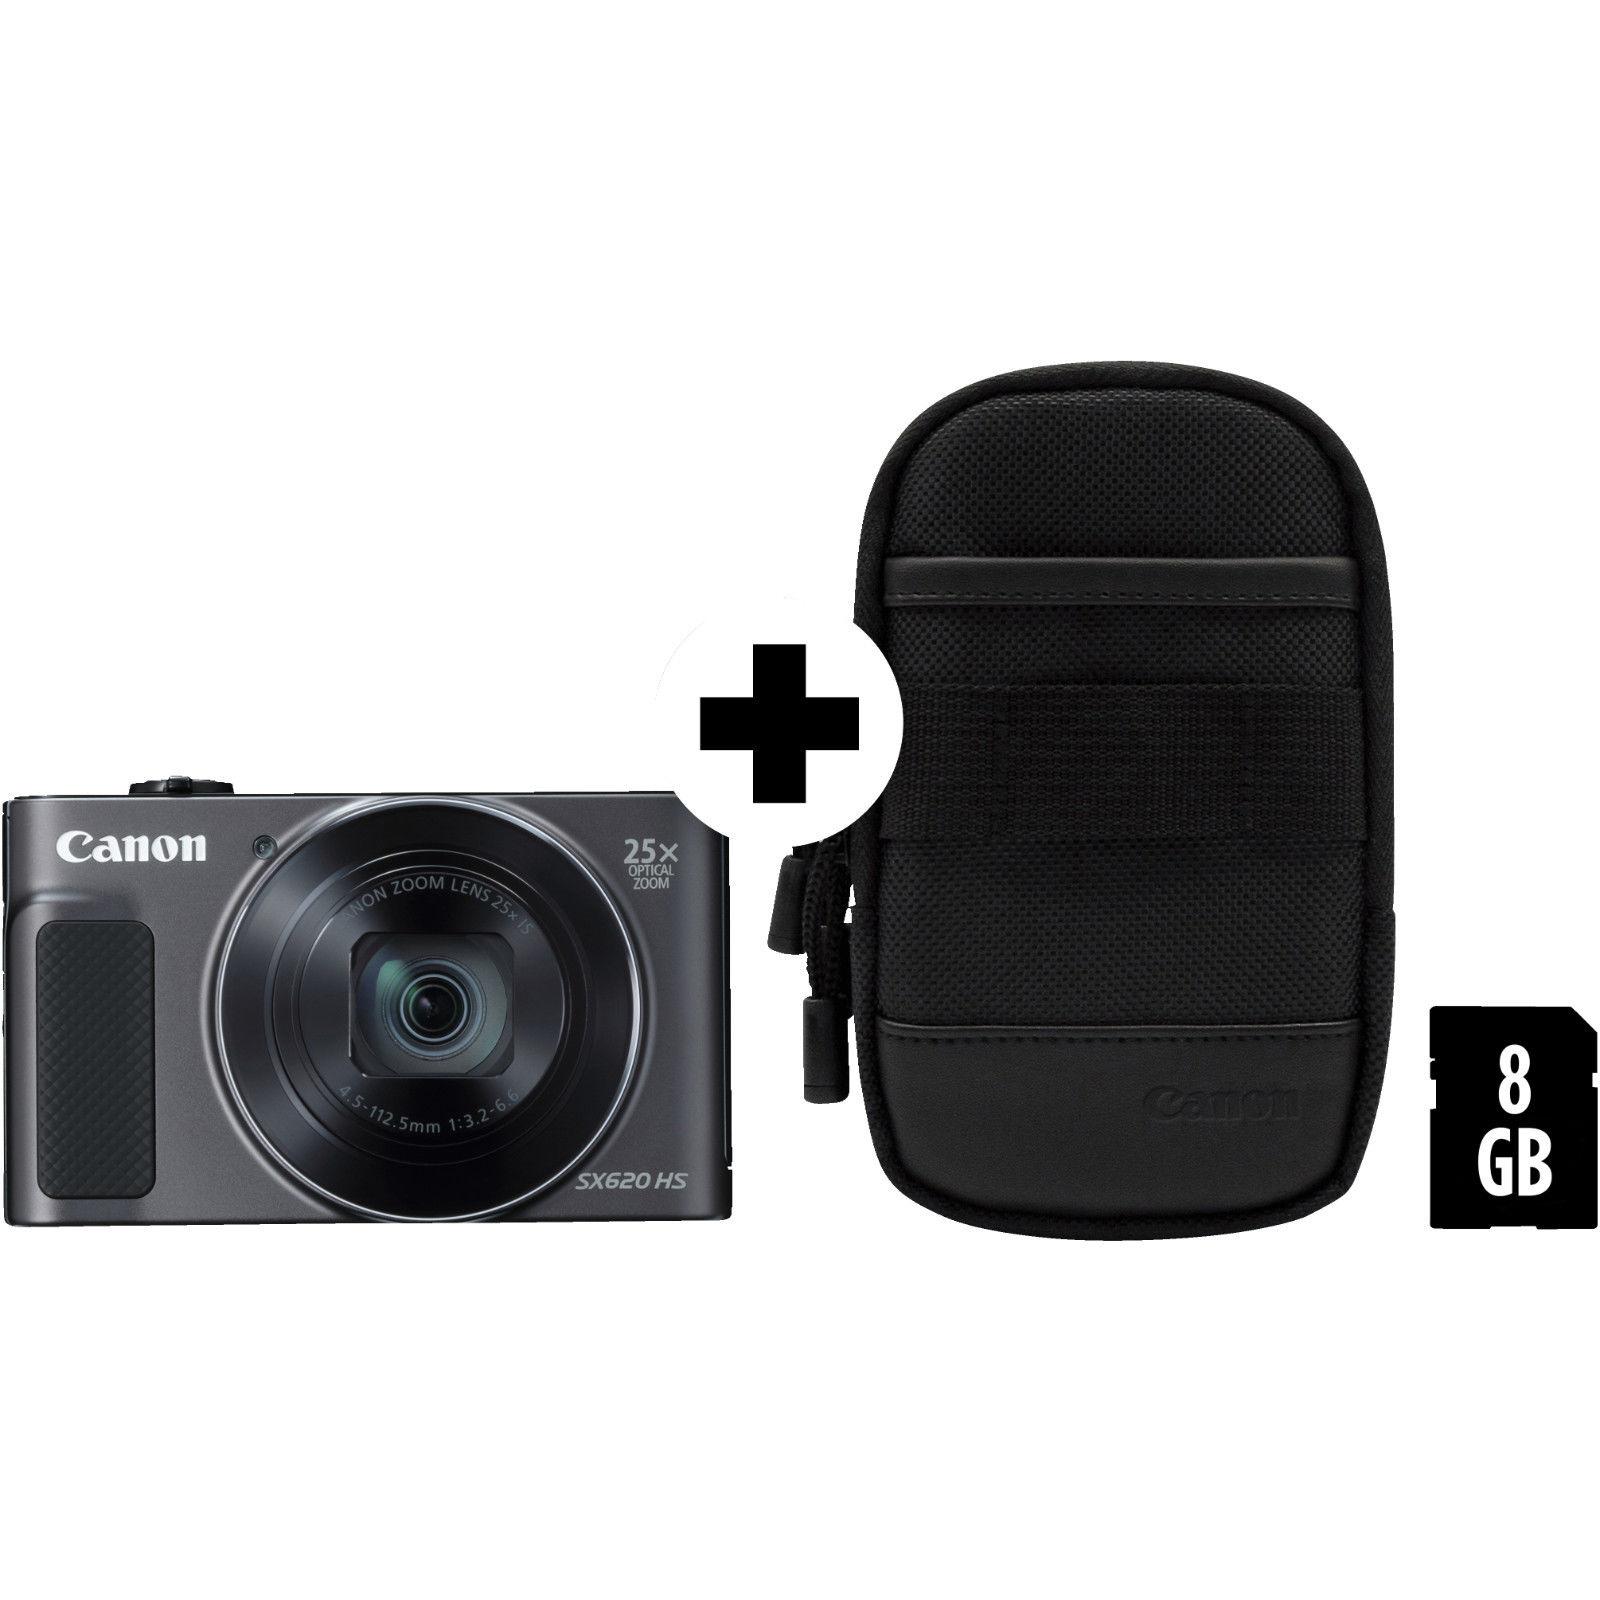 Bild zu Digitalkamera Canon Powershot SX620 als Kit mit Tasche und Speicherkarte für 133€ (Vergleich: 178,60€)